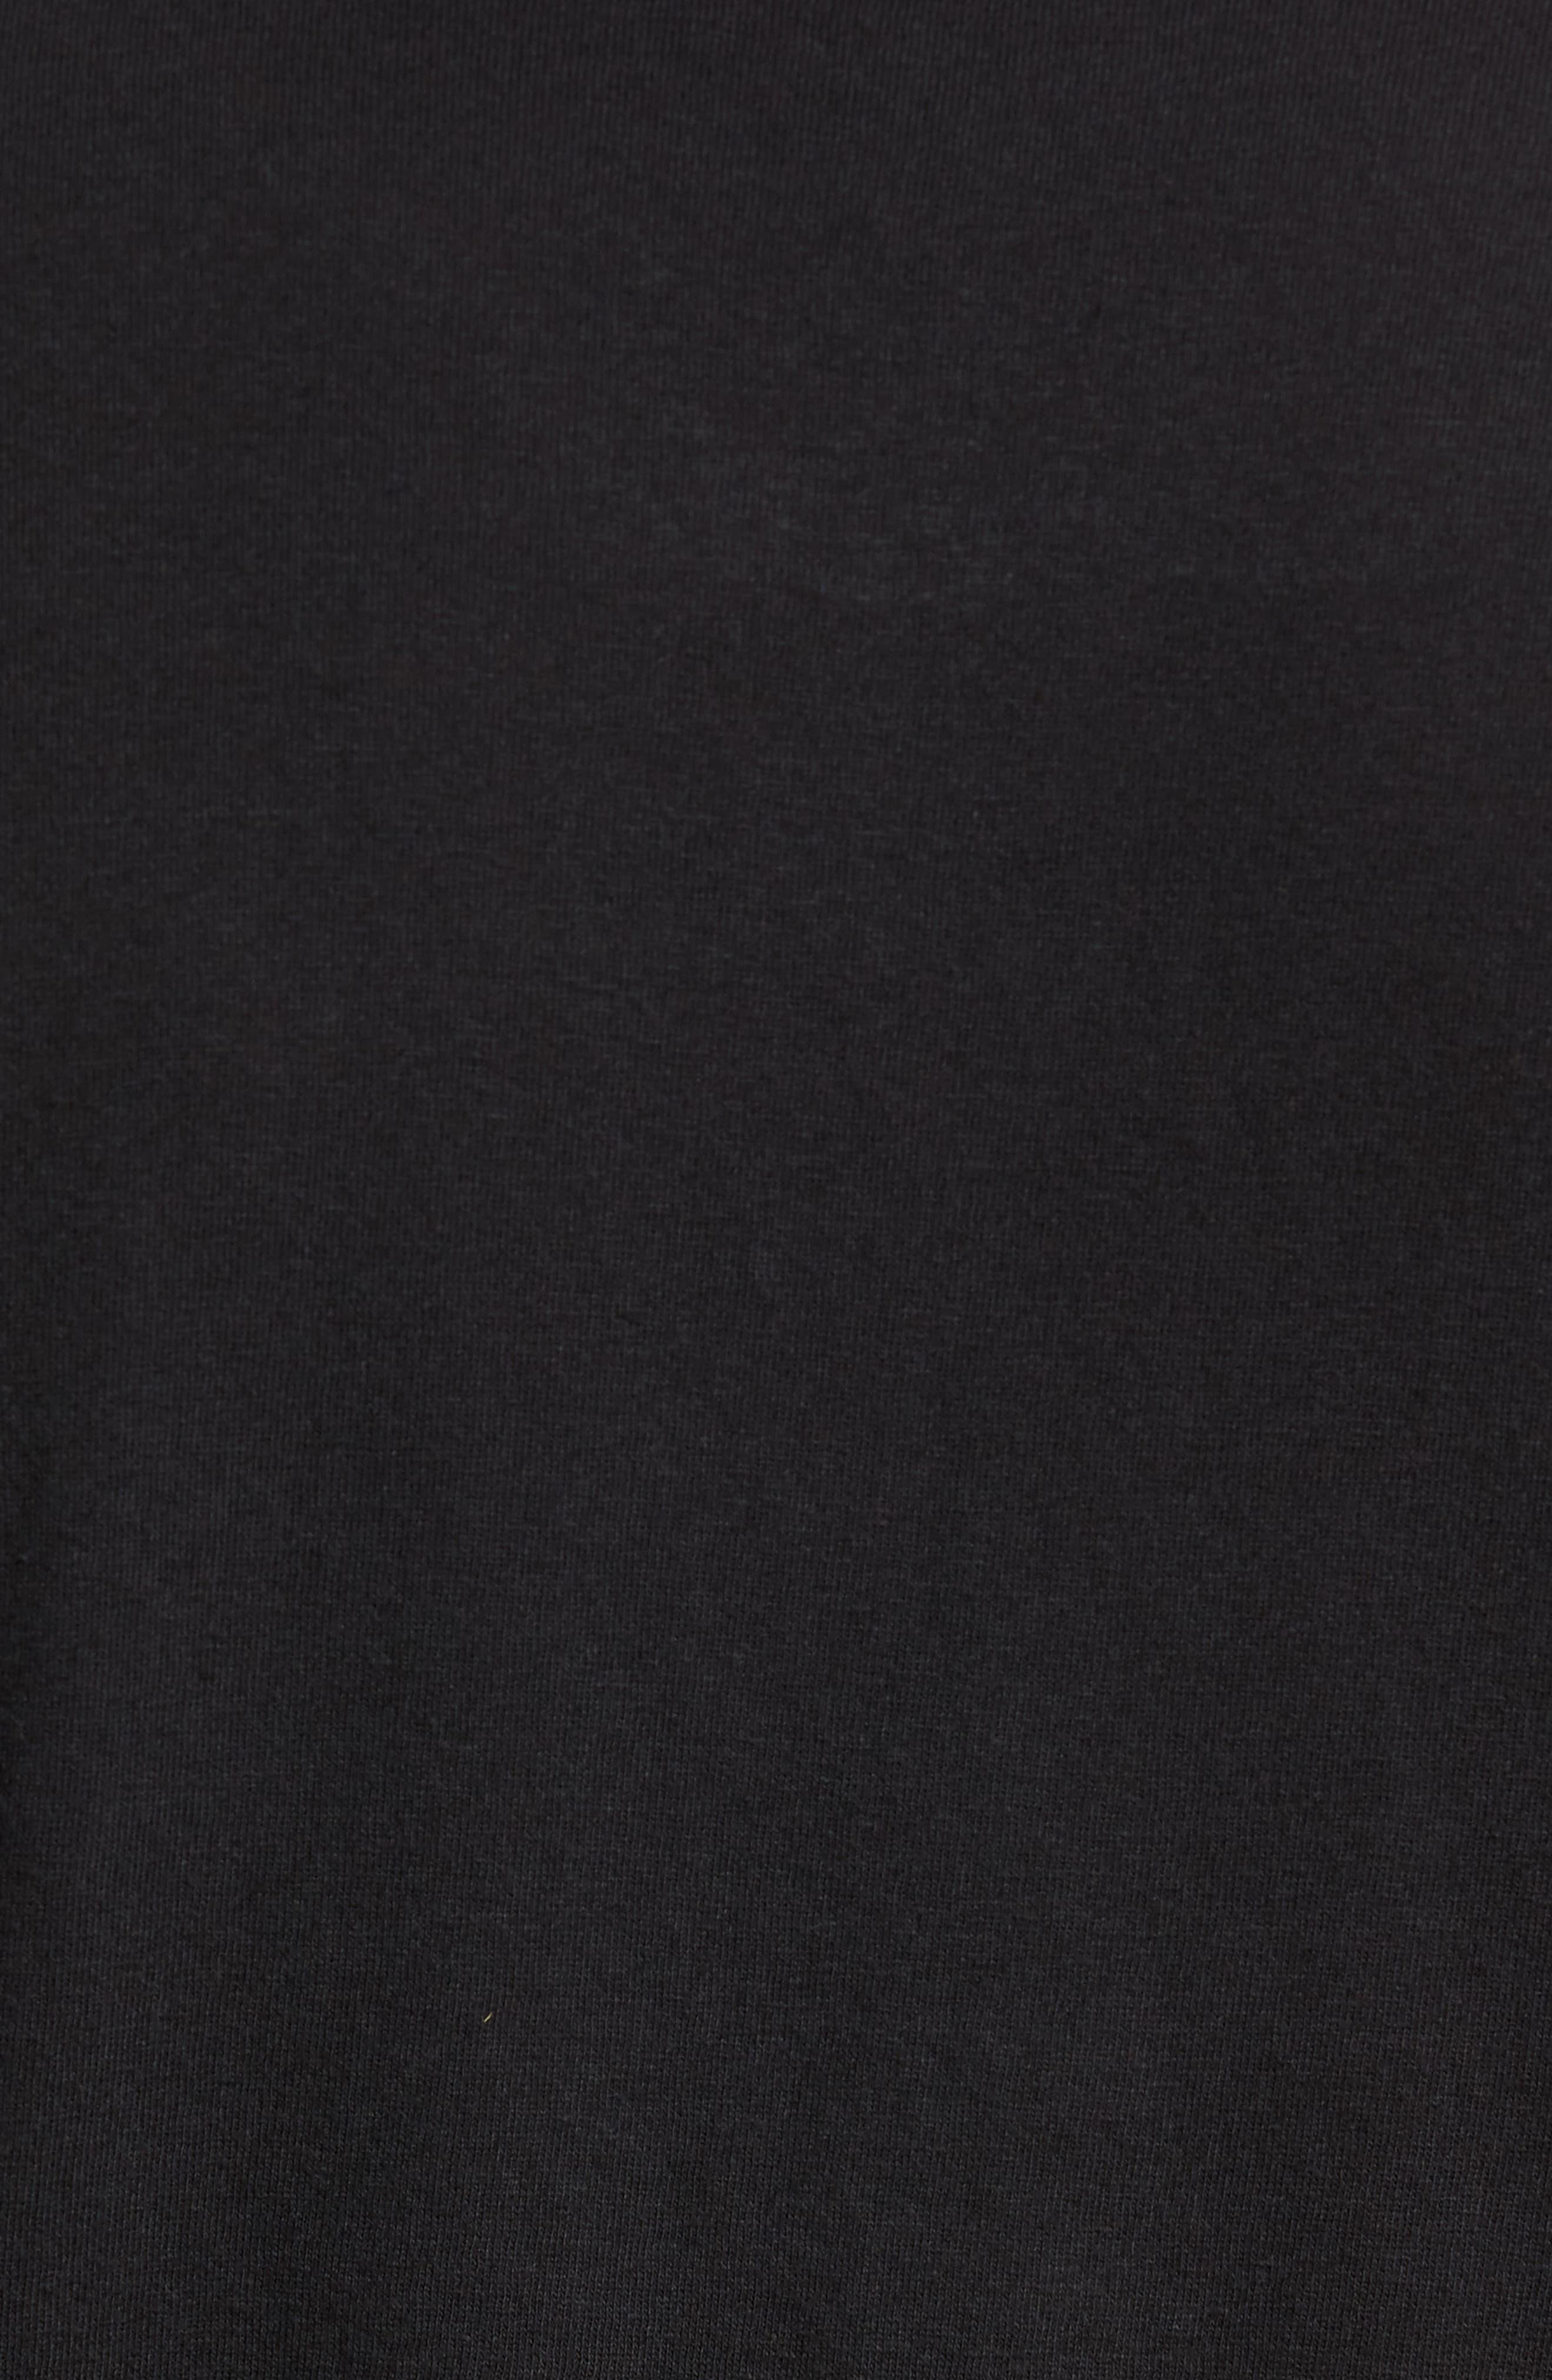 Ramsey Shredded Hem T-Shirt,                             Alternate thumbnail 5, color,                             015